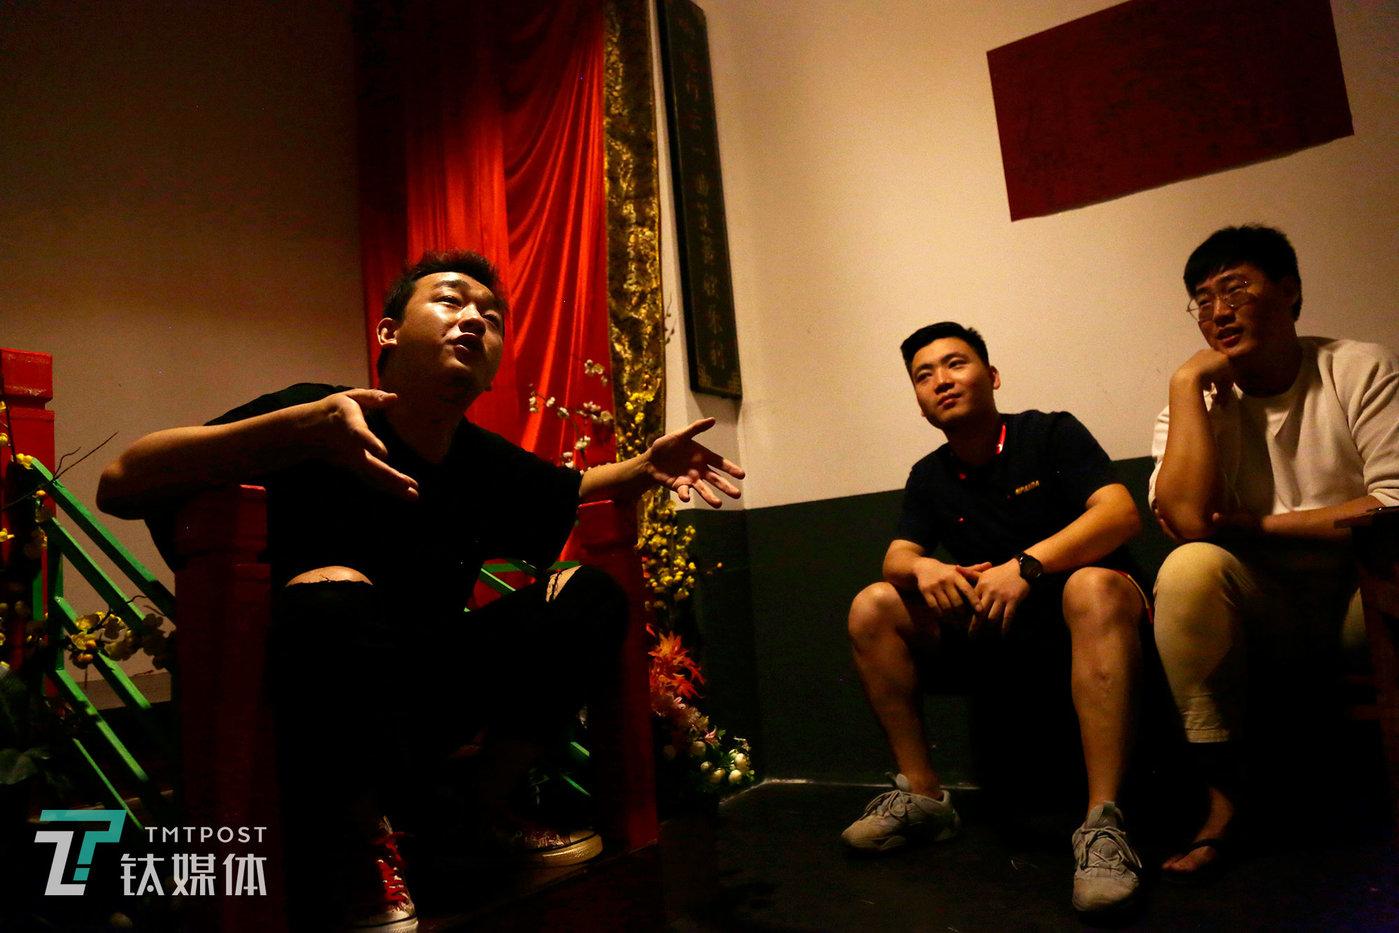 7月10号下午,张帅帅和同事开会复盘当天的表演。